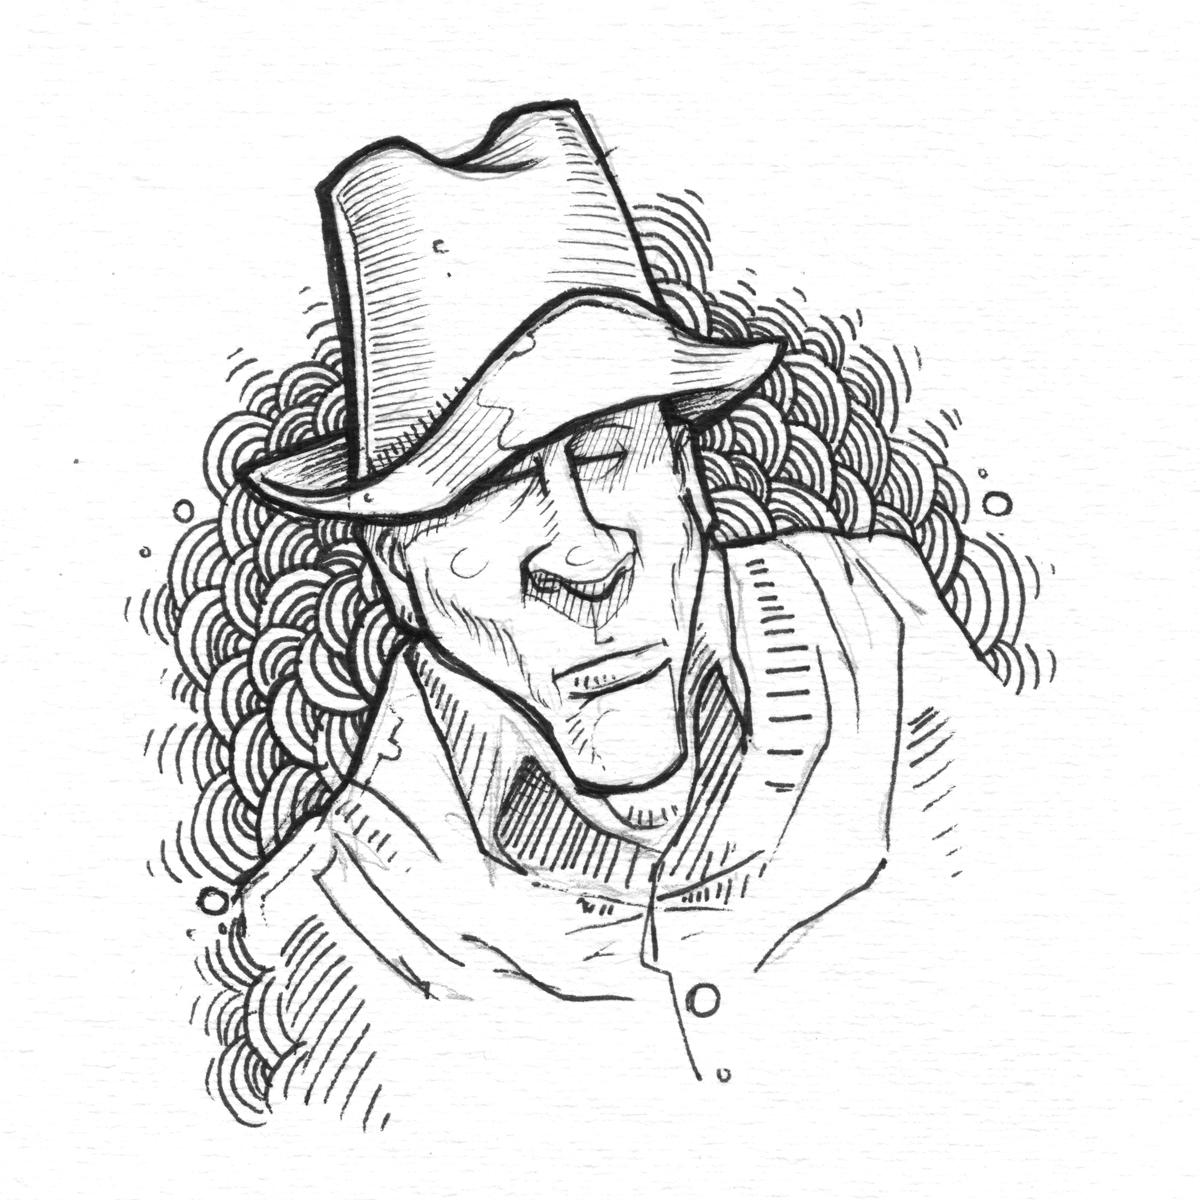 Drawing No. 29